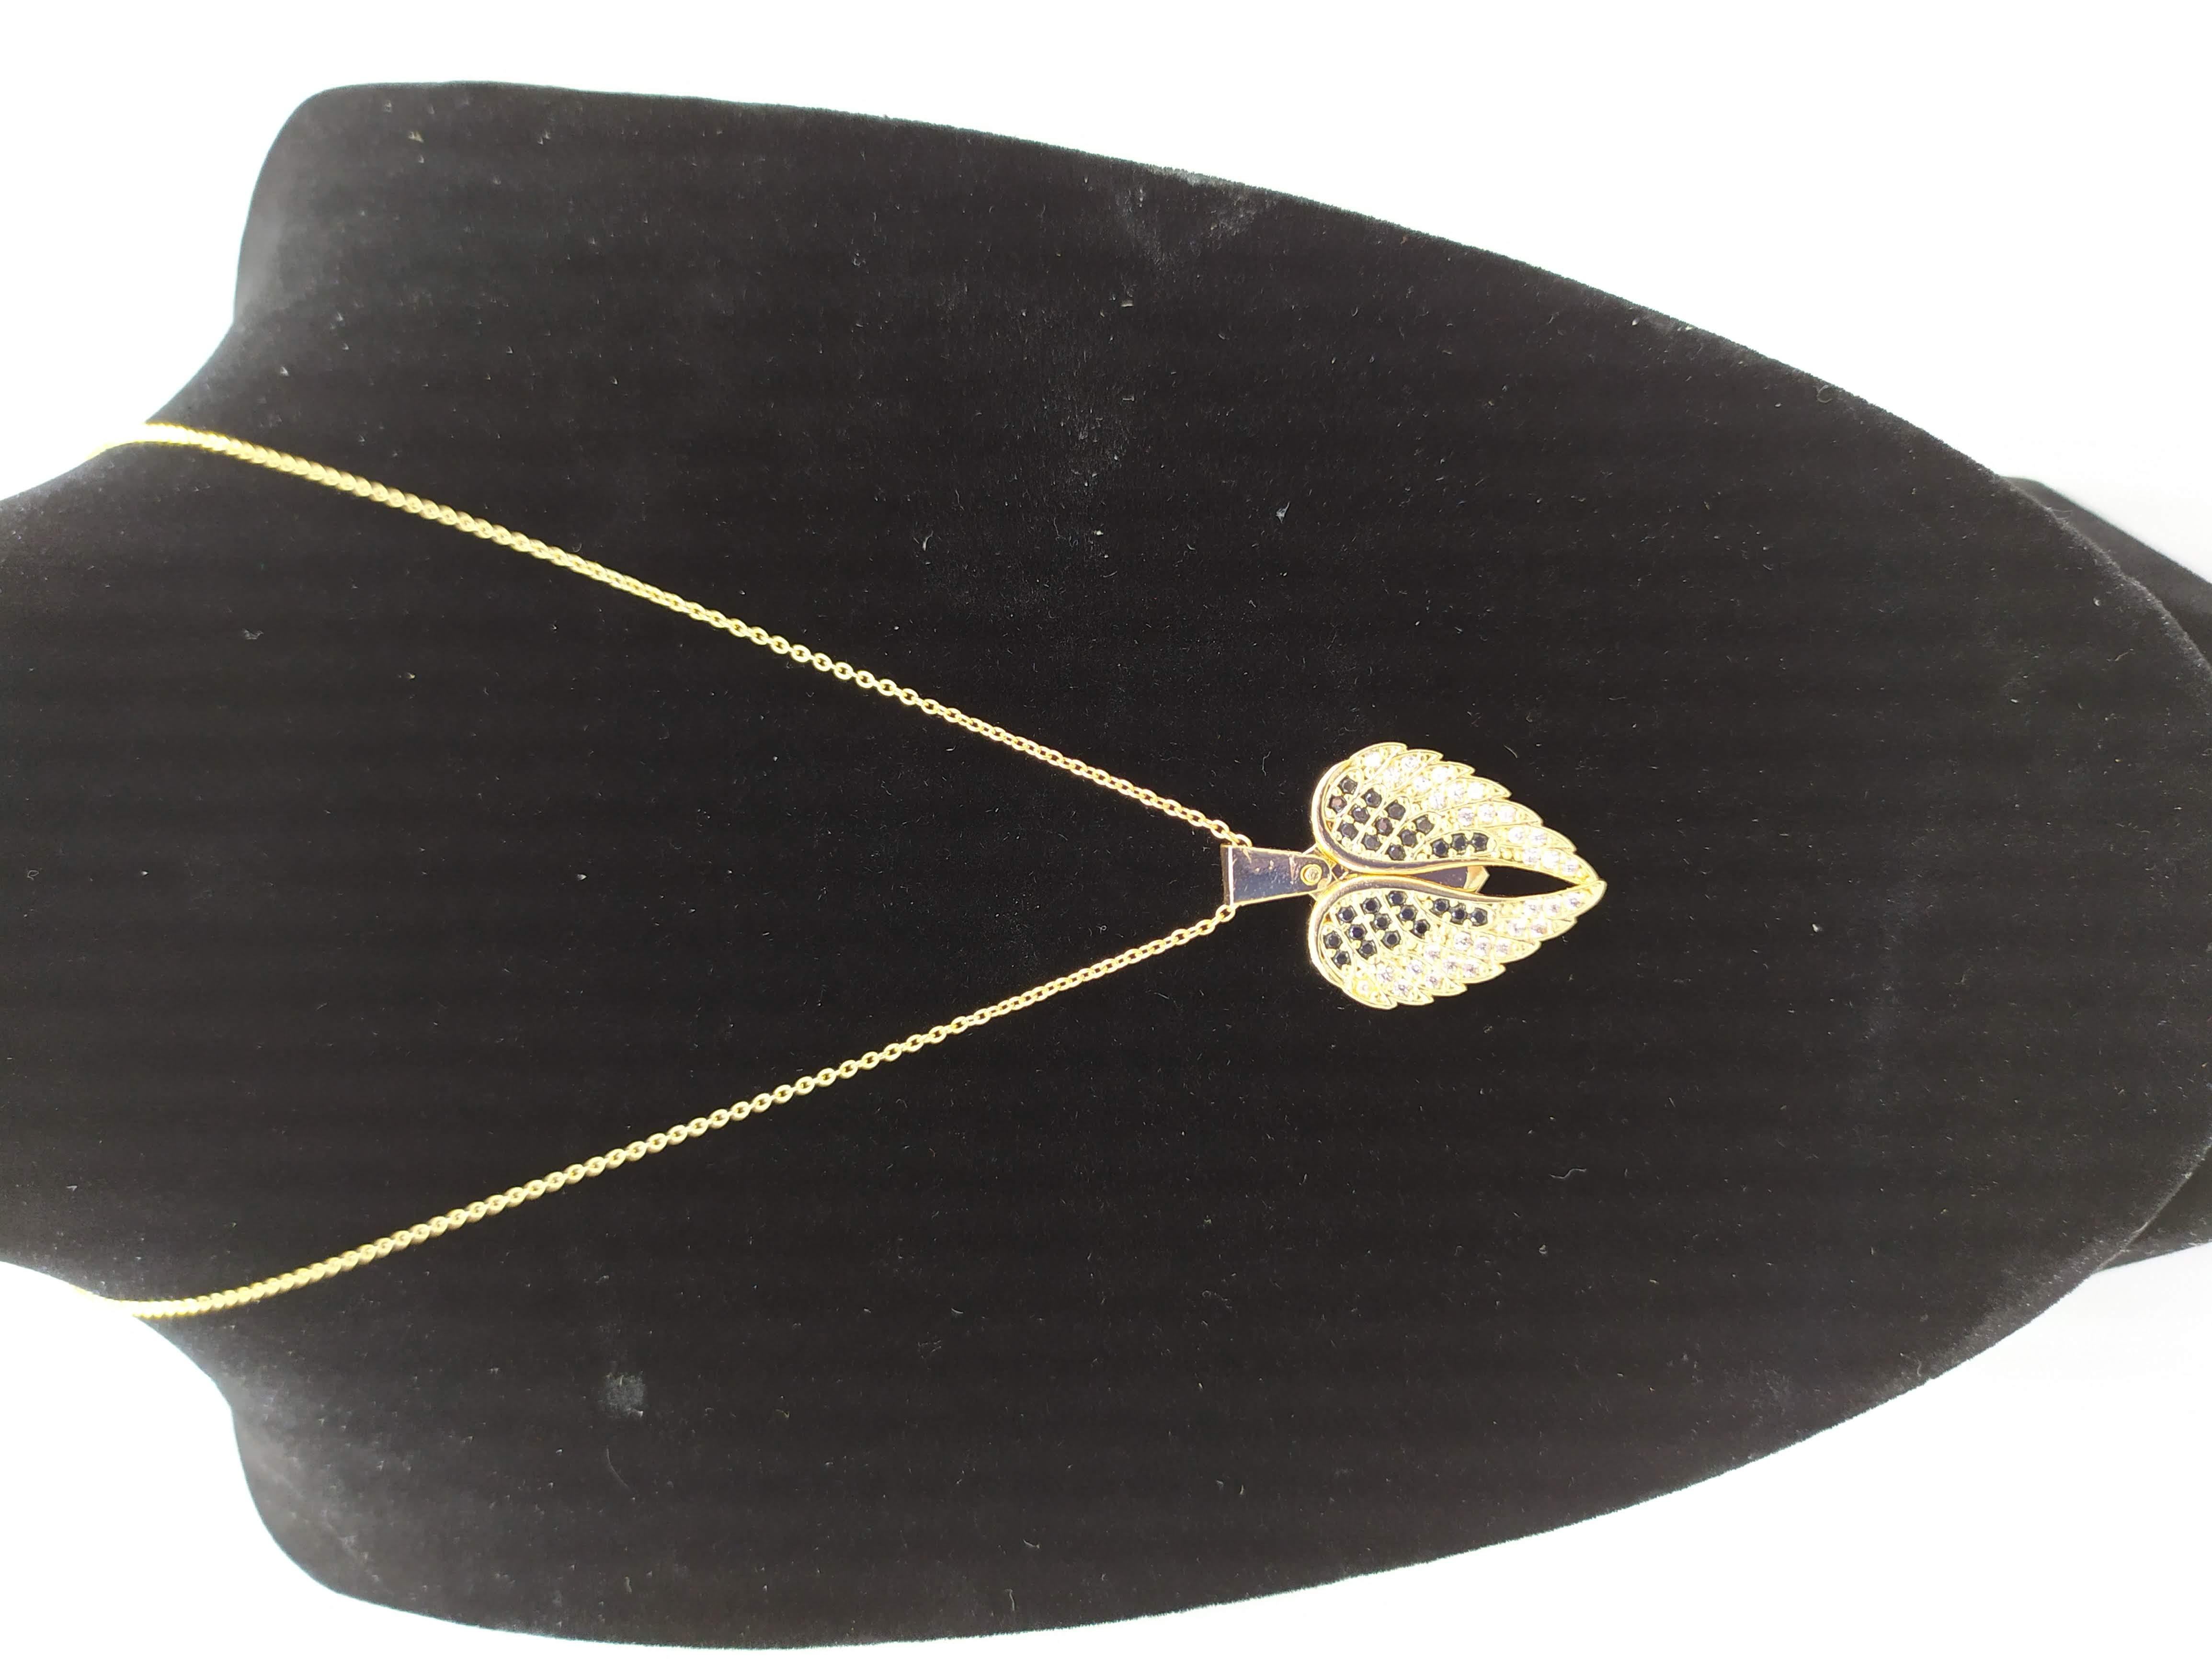 قلادة مطلية بالذهب مع الزركون الممتاز. لا يسبب الحساسية ، لا تغميق / Gold plated necklace with premium zircon. does not cause allergies, does not darken_29